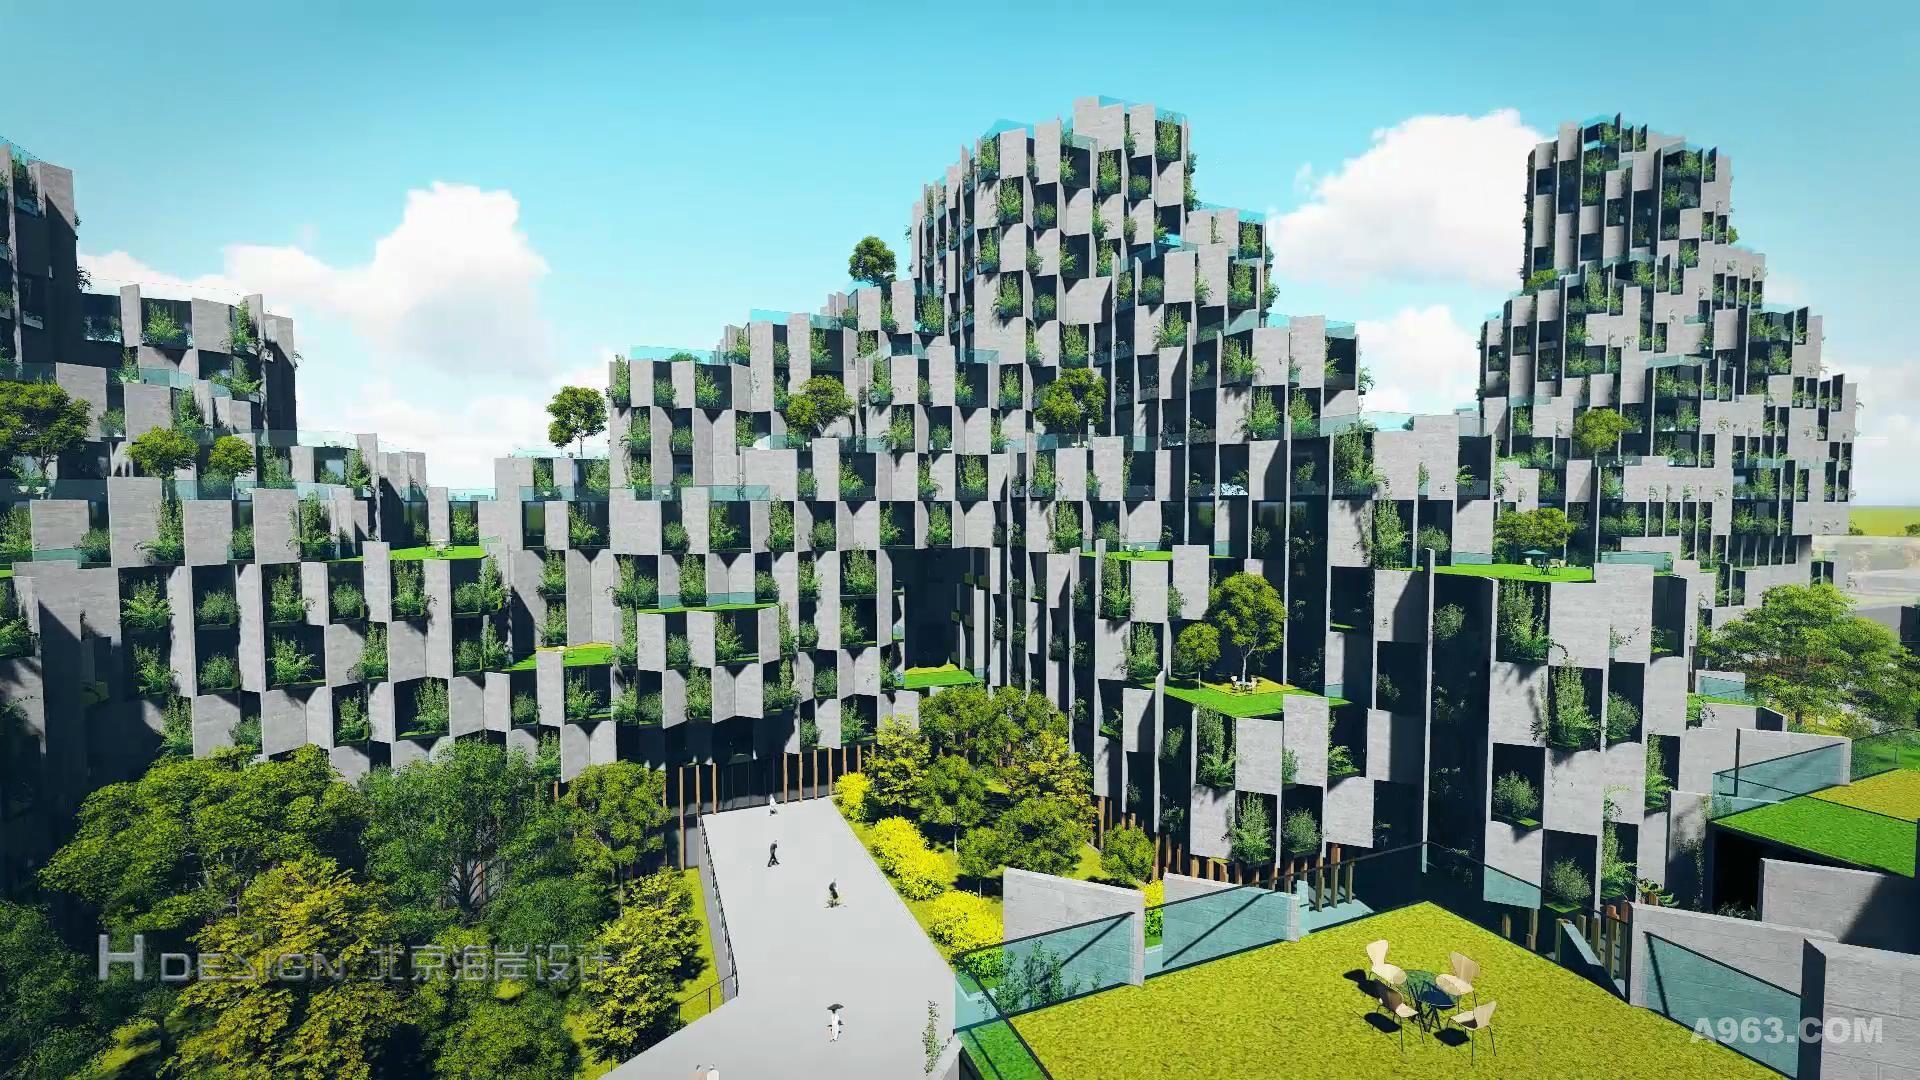 郭准先生对于产业园的设计概念取之于热带雨林.